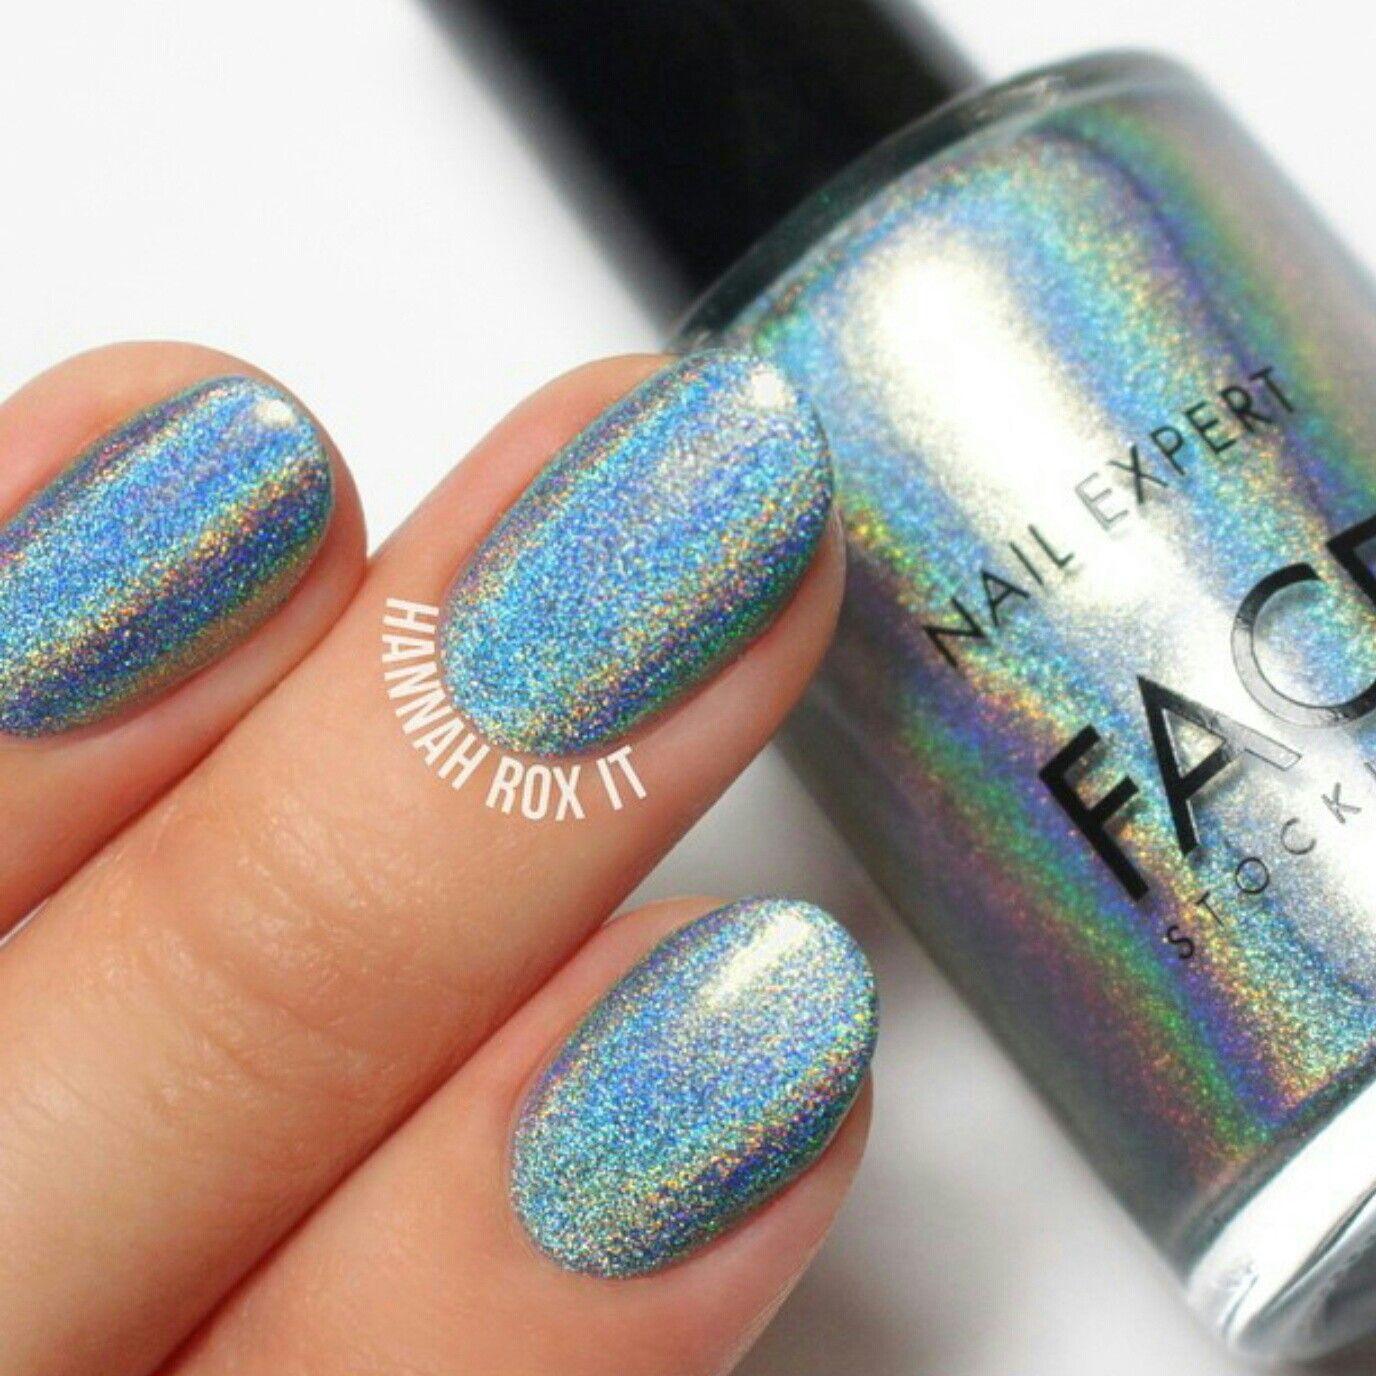 Face Stockholm: ❤ Eos ❤ ... a holographic nail polish   Nail ...